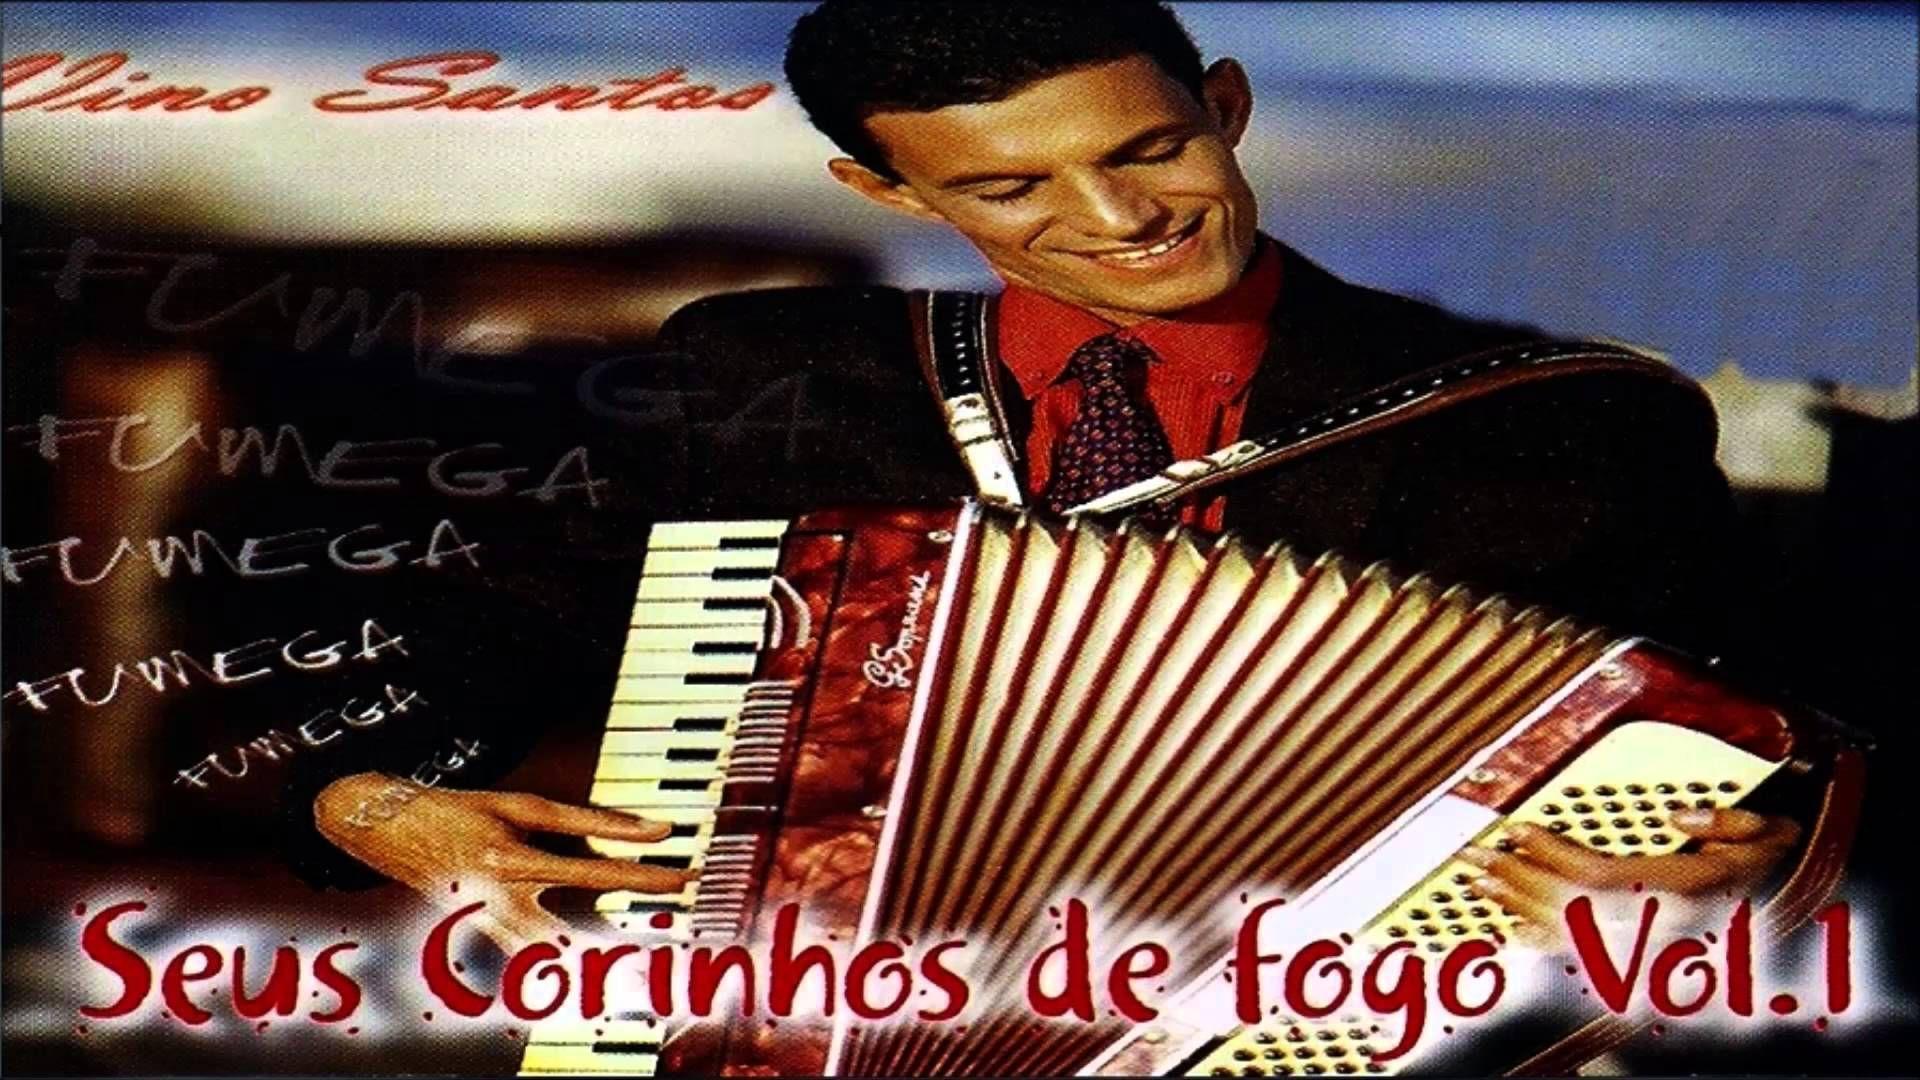 FOGO DE BAIXAR PENTECOSTAL CD CORINHOS